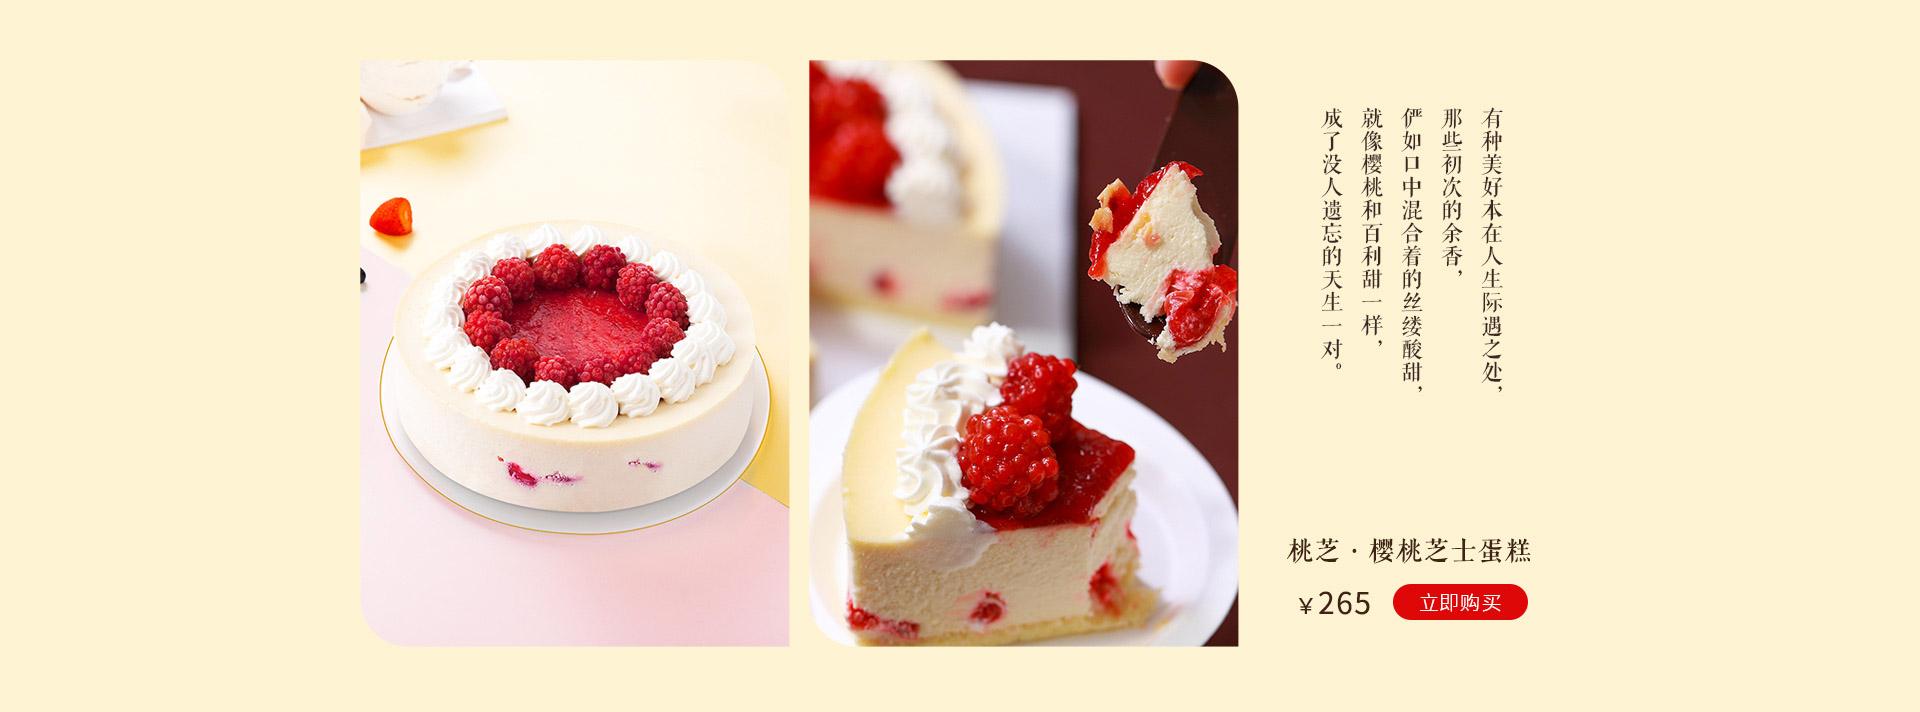 桃芝 樱桃芝士蛋糕